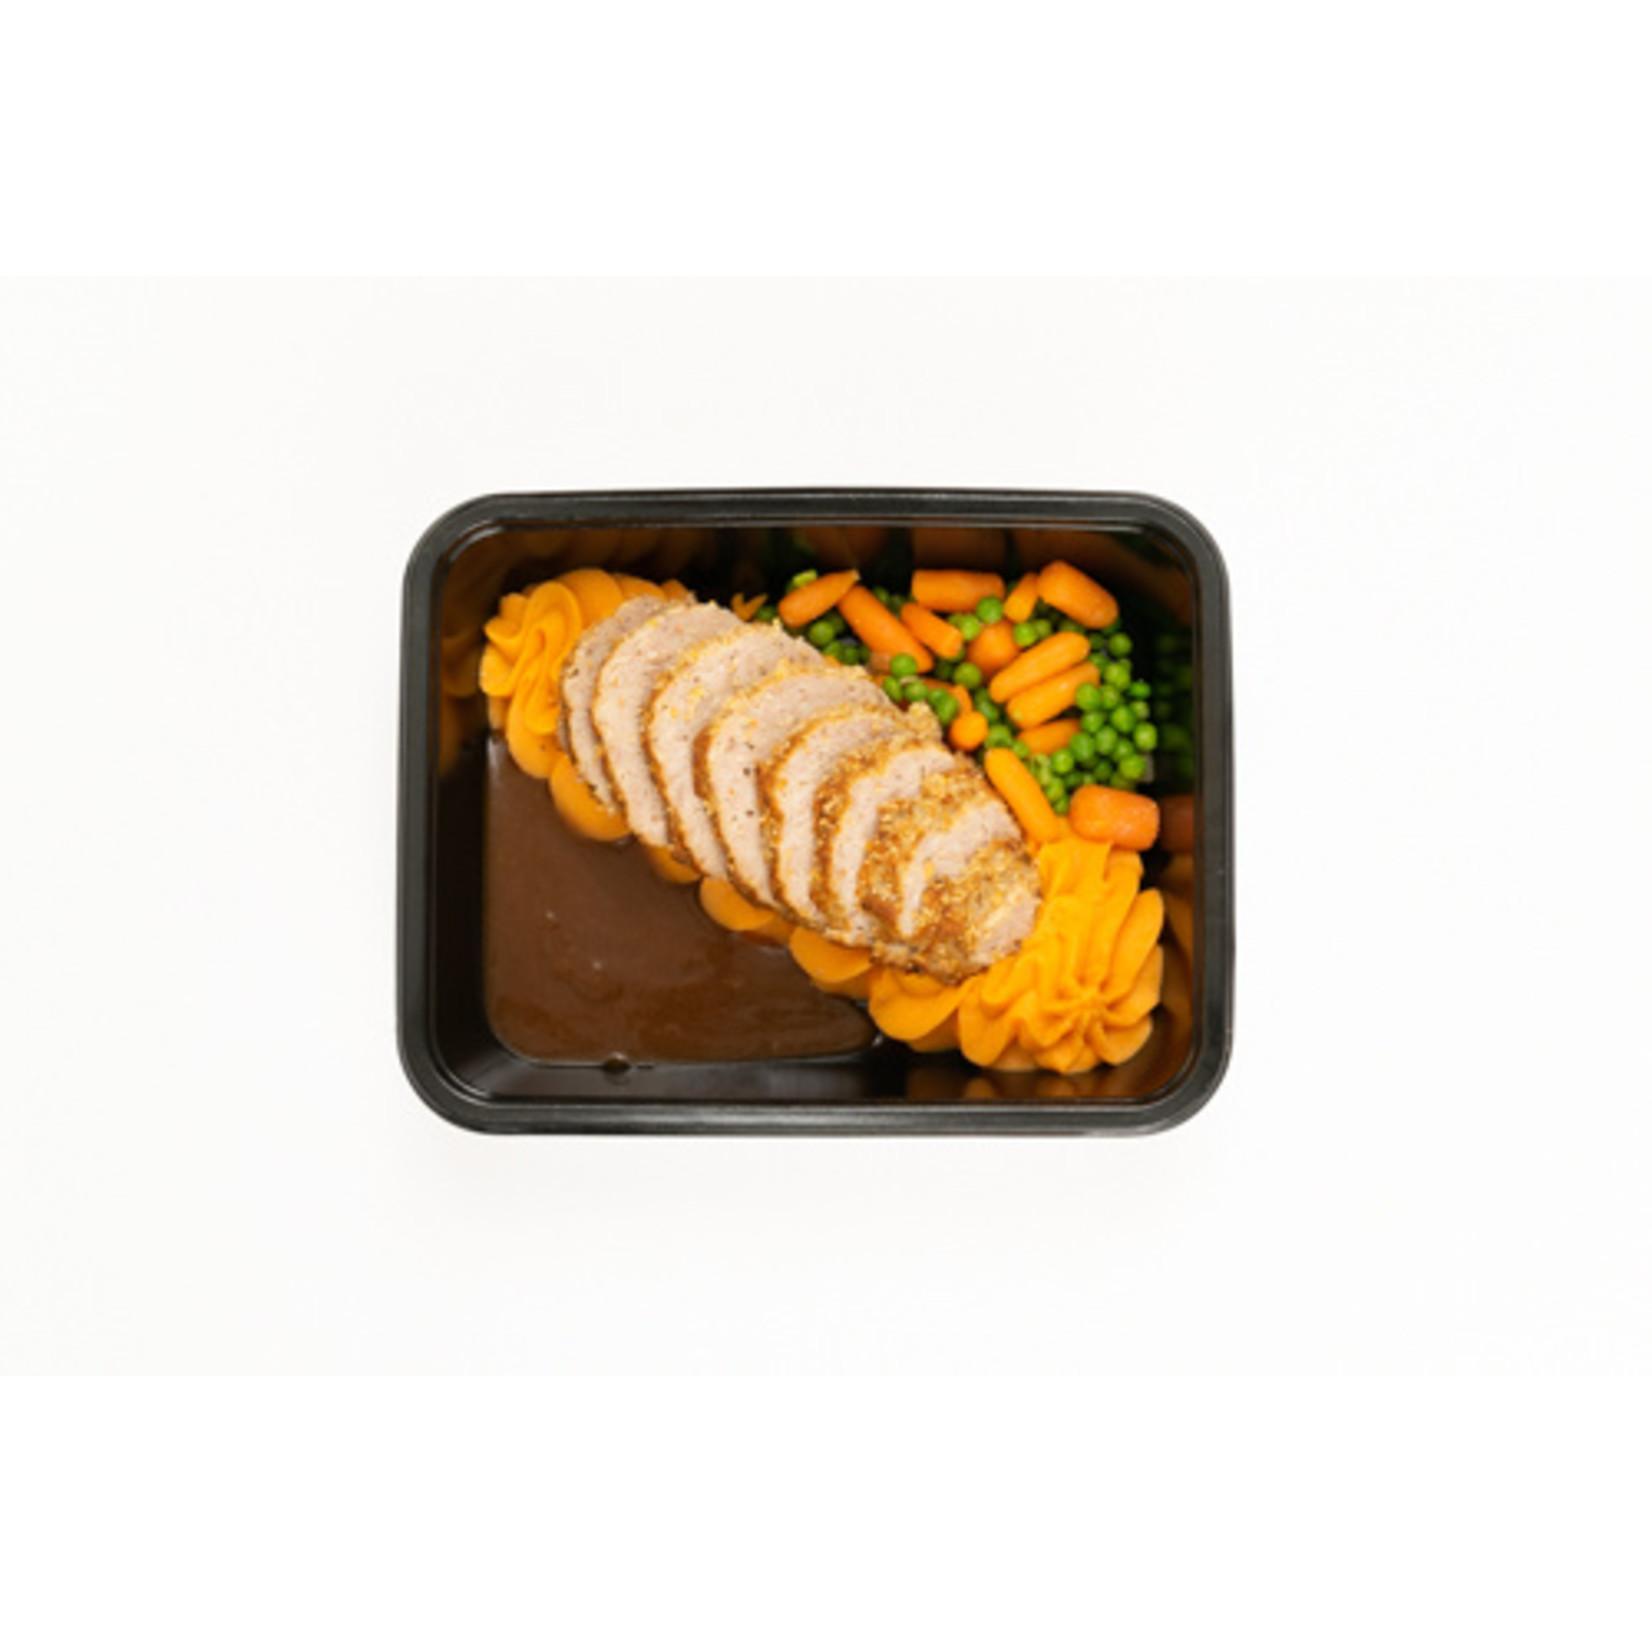 Vleesbrood met Erwten, Wortelen en Puree